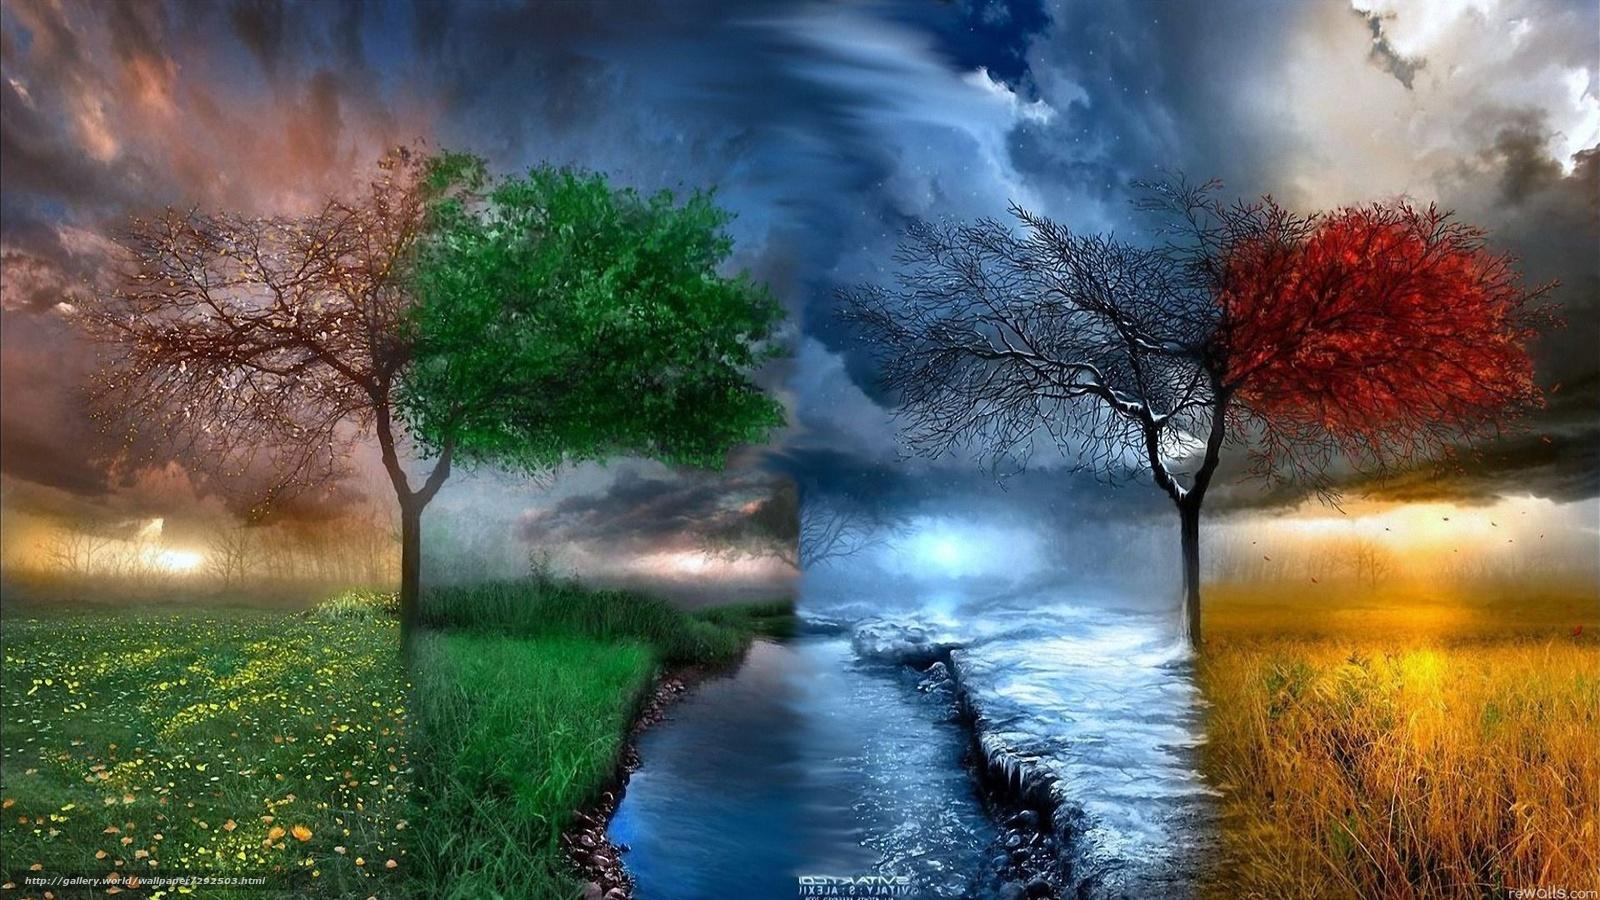 Scaricare gli sfondi primavera estate autunno inverno for Sfondi gratis desktop inverno